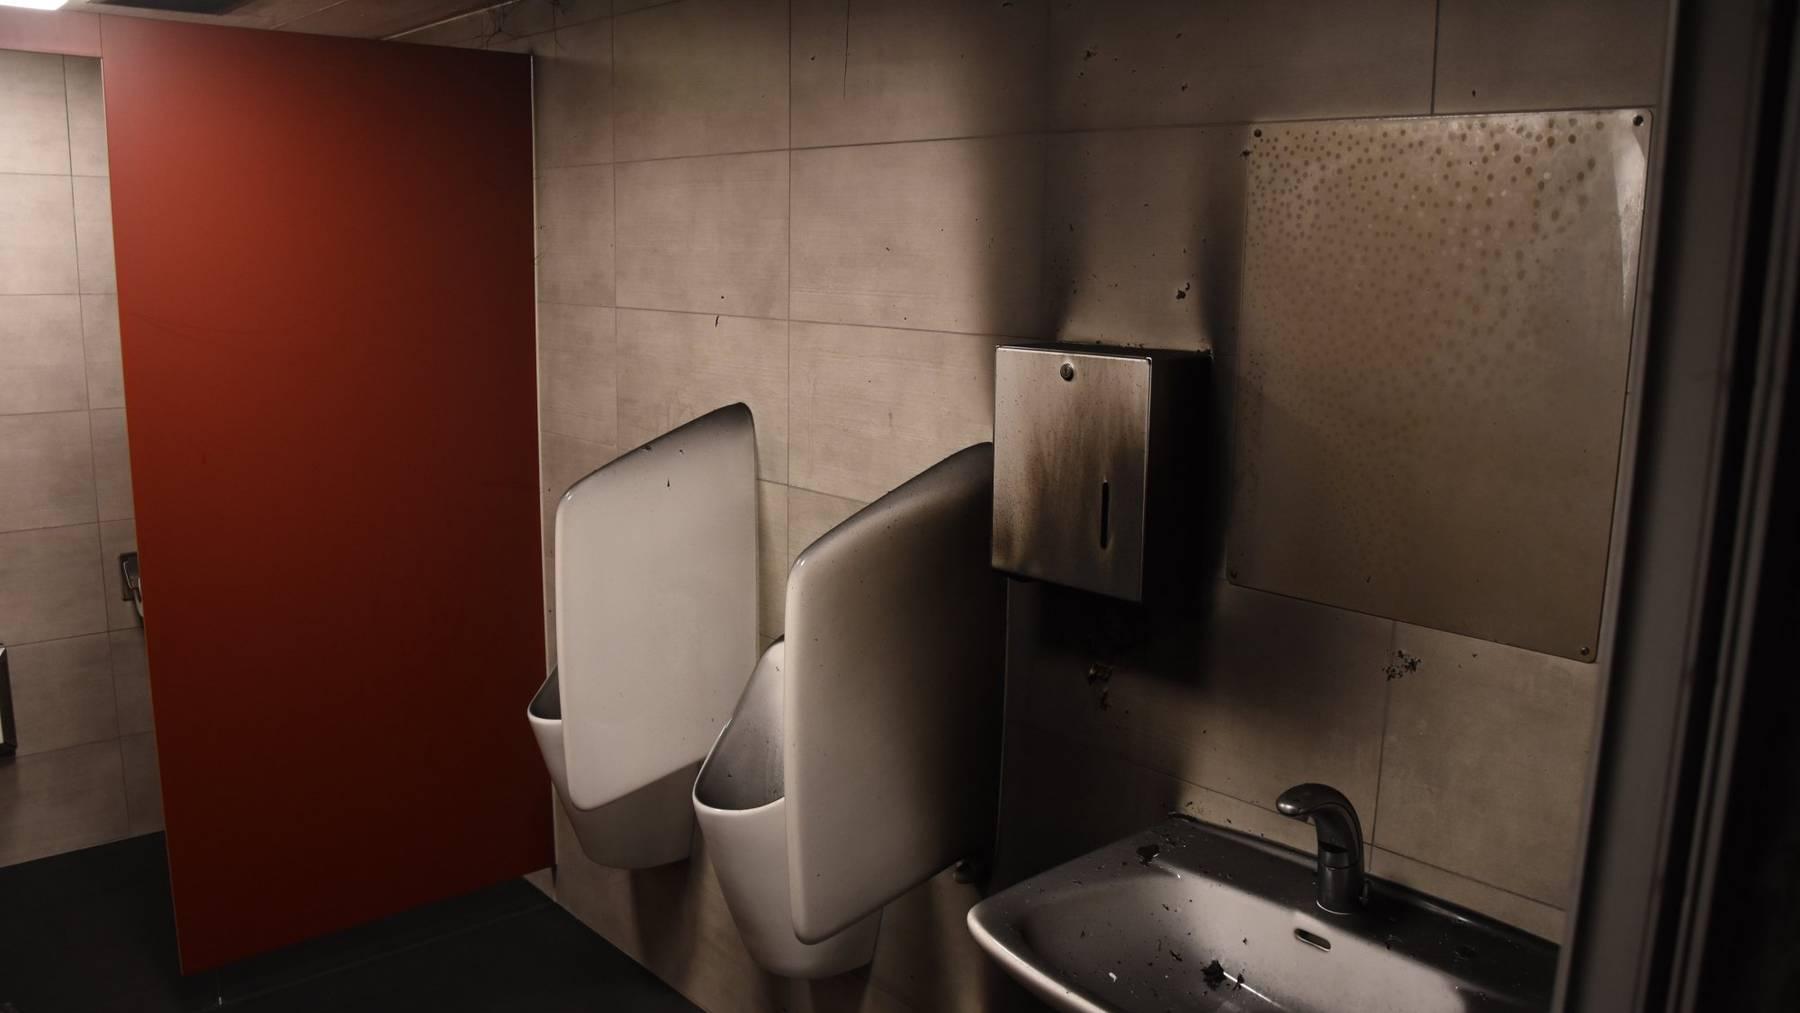 An der Toilette entstand Sachschaden von mehreren tausend Franken.